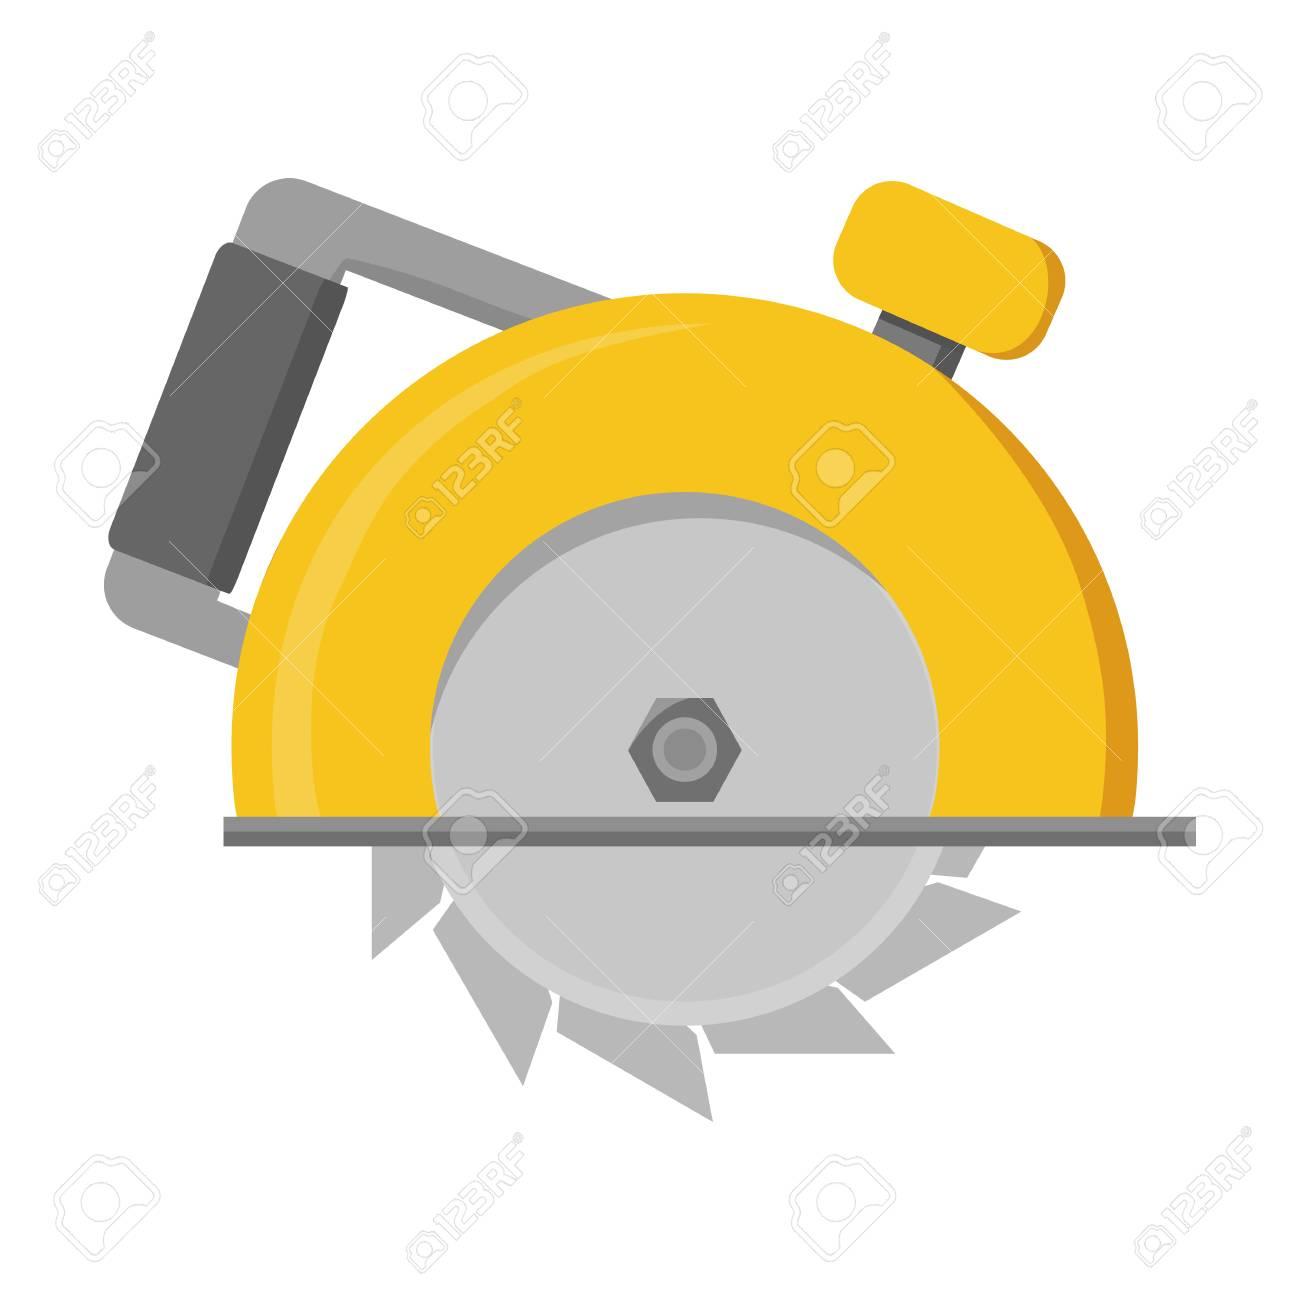 Kreissäge-Symbol Im Cartoon-Stil Auf Weißem Hintergrund. Bauen Und ...